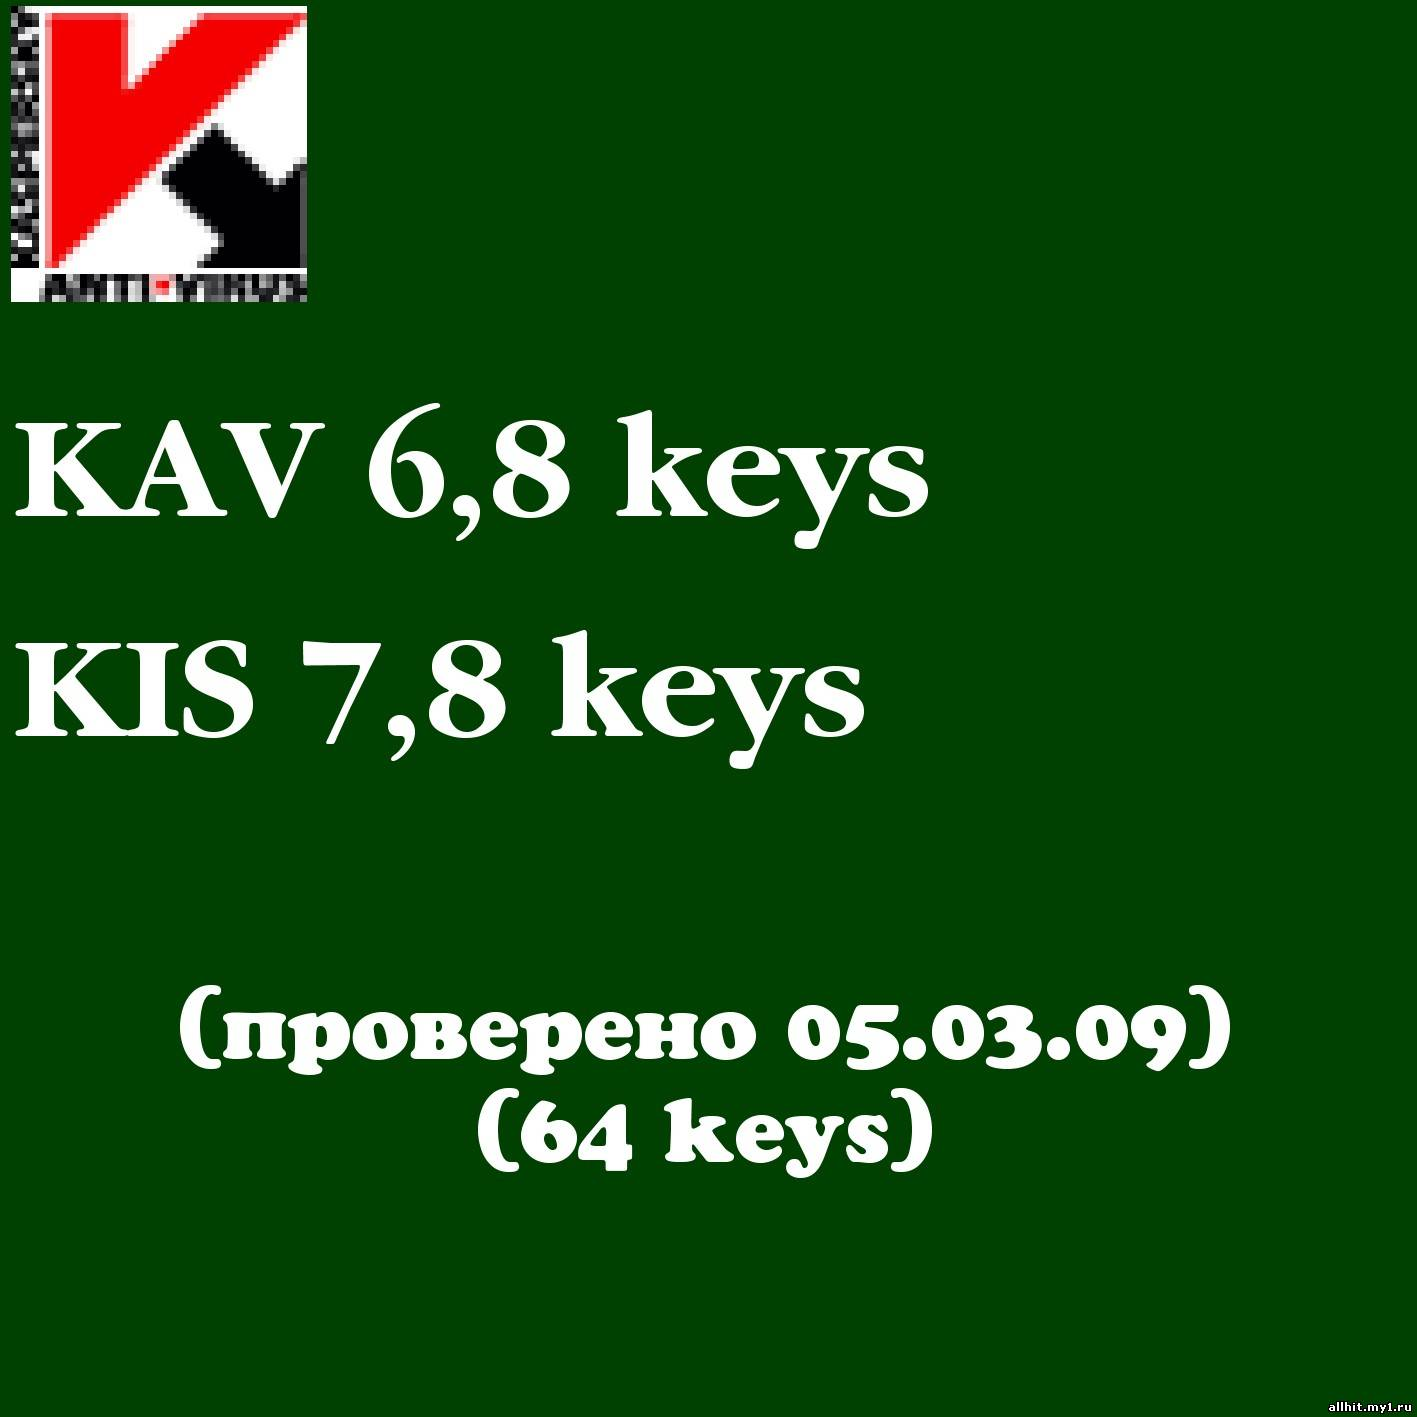 Название программы KAV 6,8 keys KIS 7,8 keys Год выпуска 2009